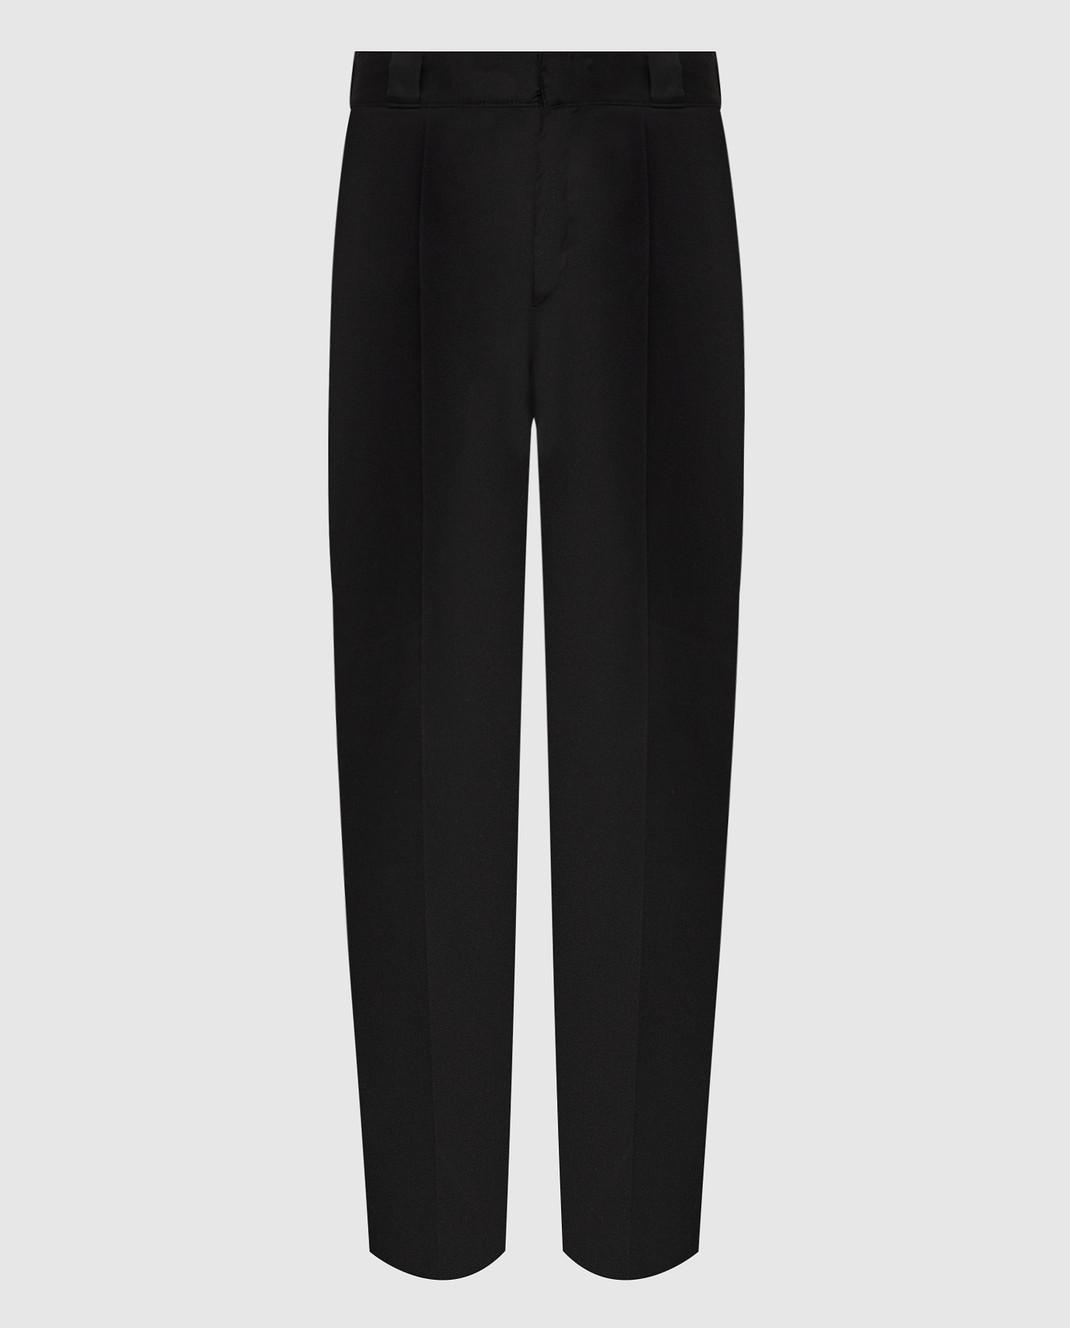 Prada Sport Черные брюки SPG30I18